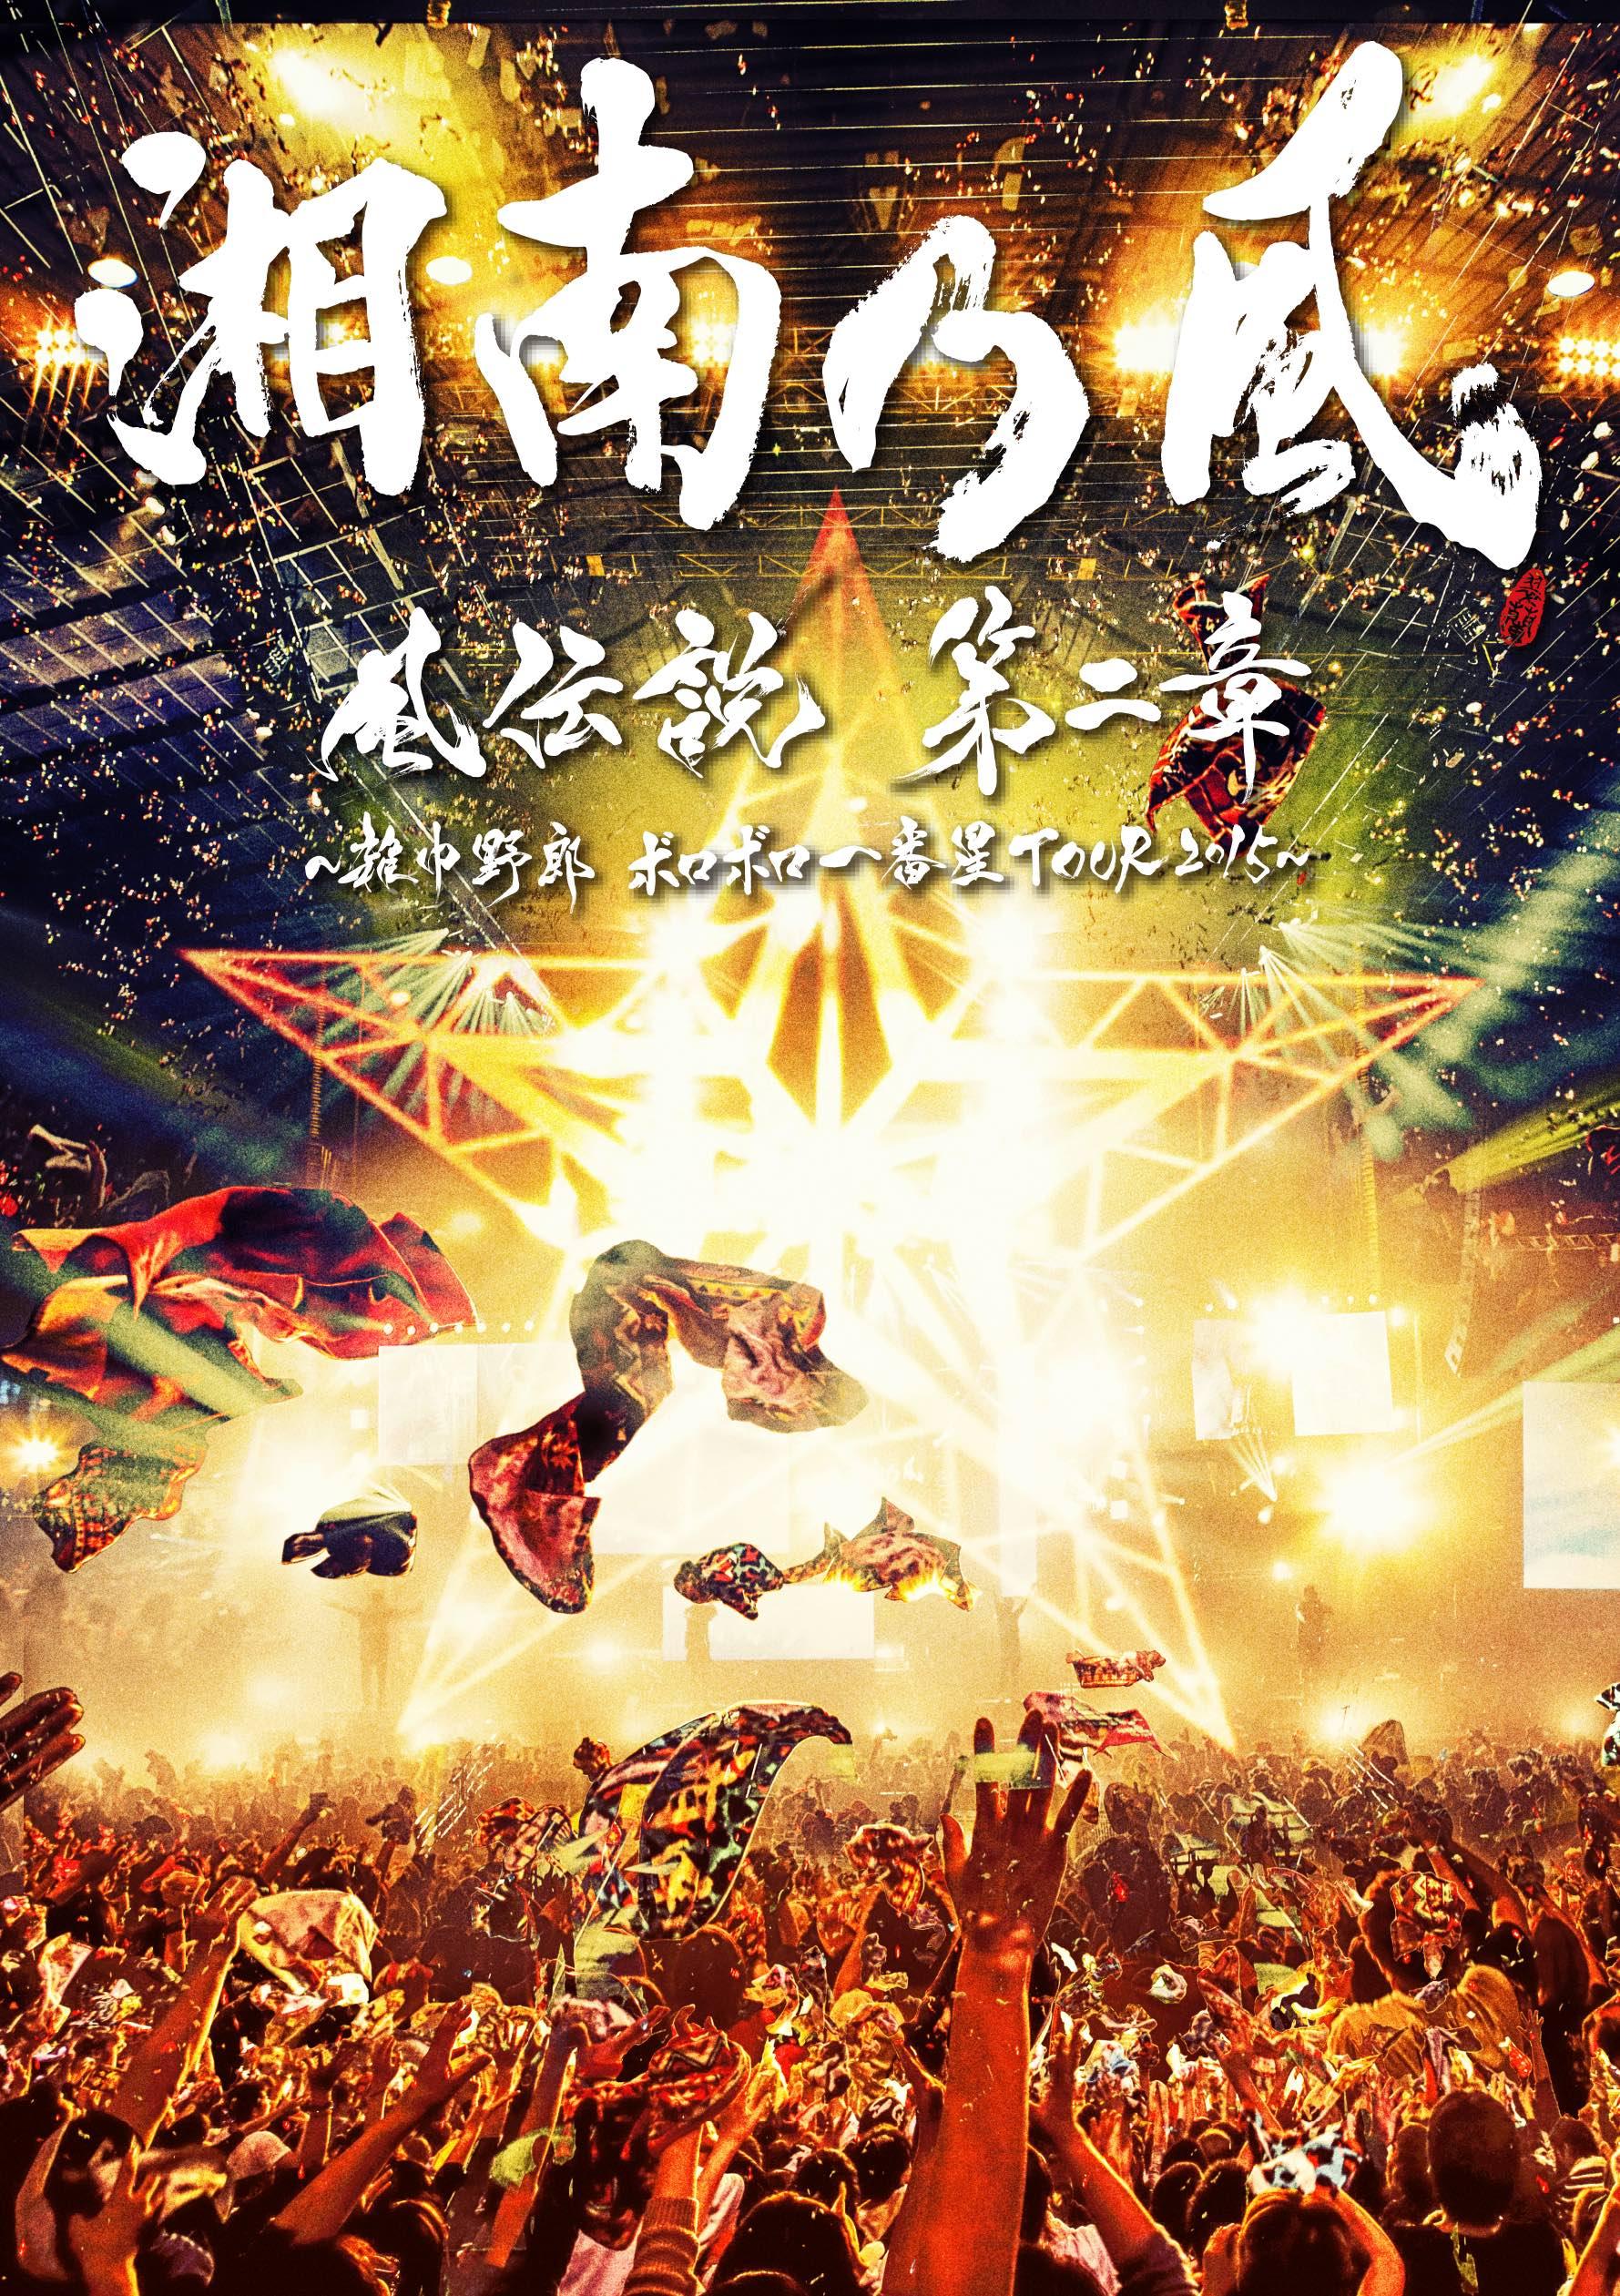 DVD&Blu-ray『風伝説 第二章 〜雑巾野郎 ボロボロ一番星TOUR2015〜』